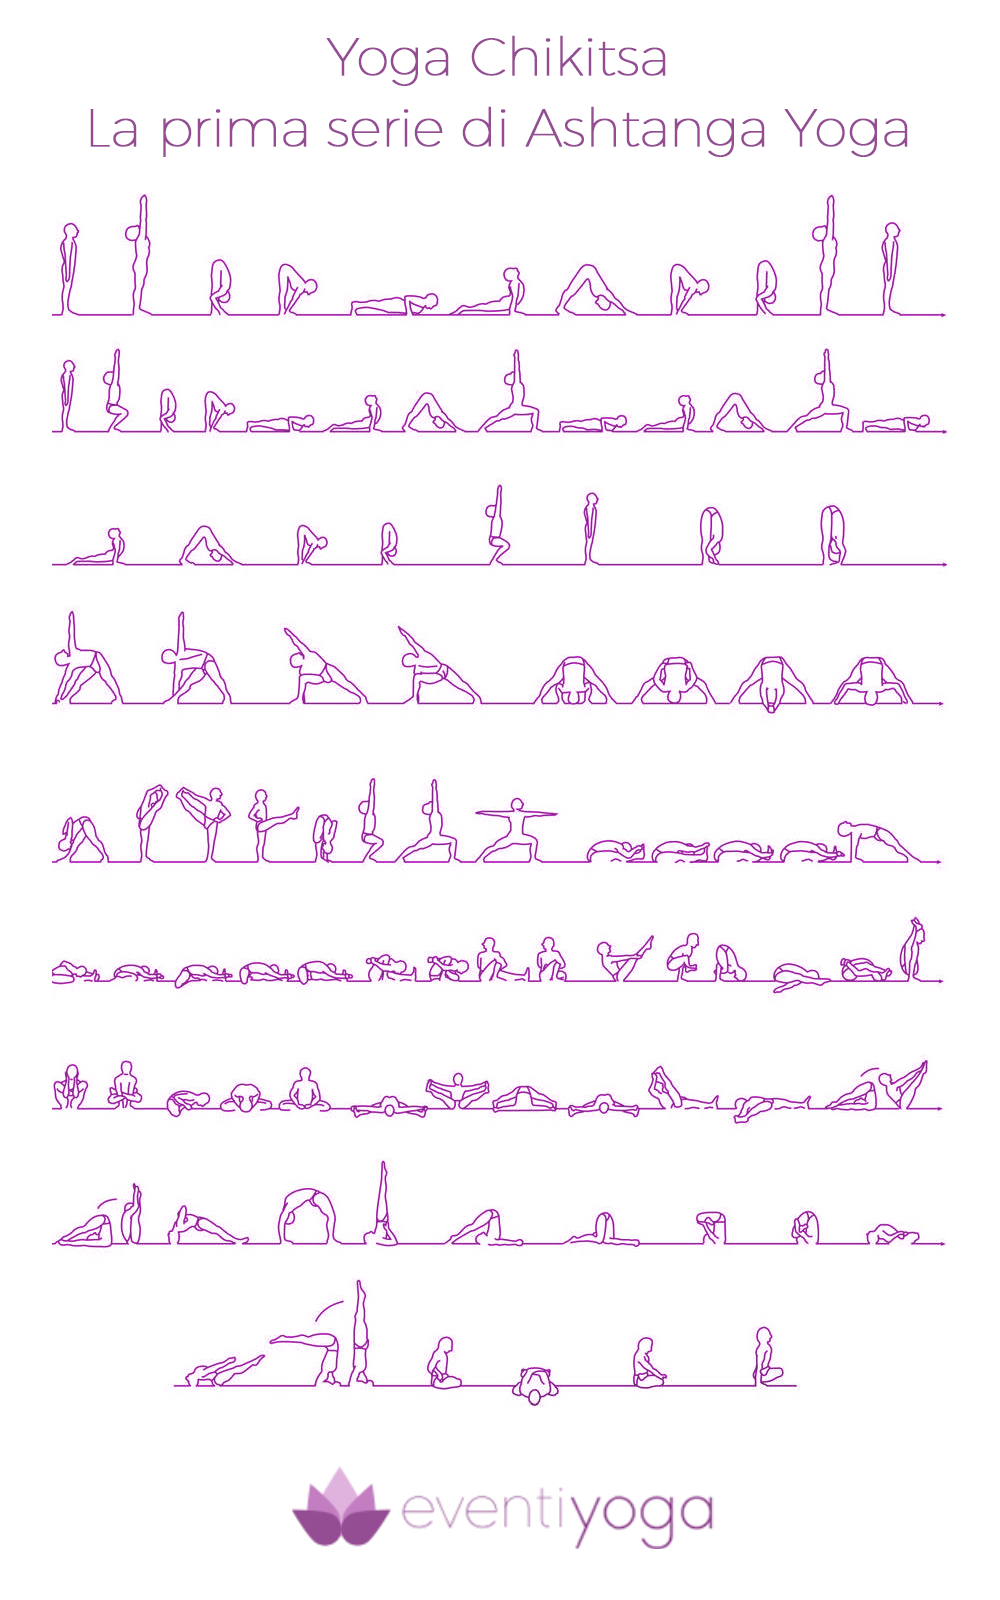 Prima serie di Ashtanga Yoga da scaricare e stampare